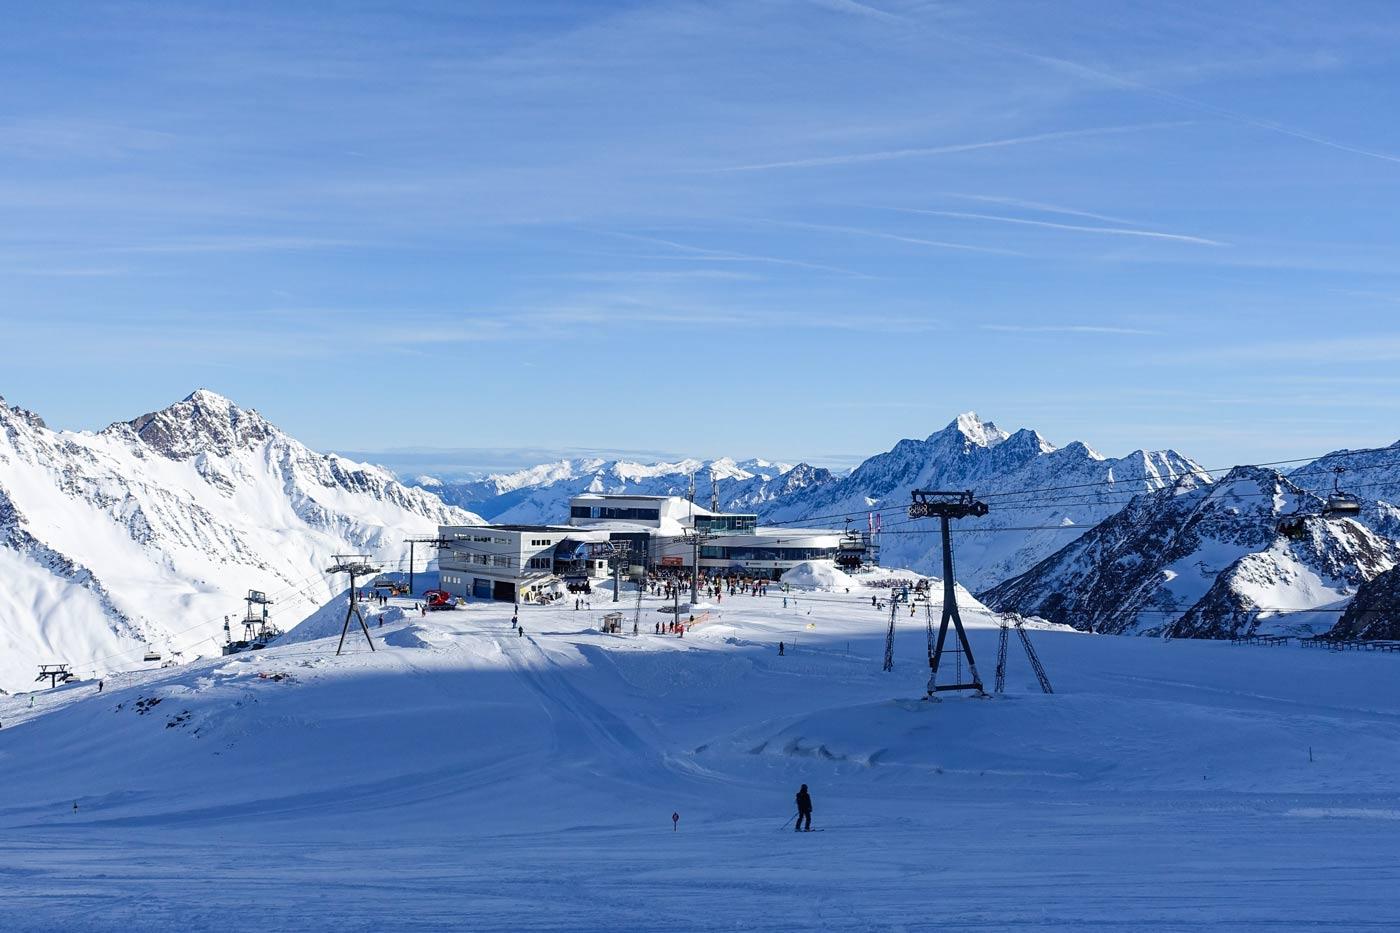 Lift op de Stubaier Gletscher in Oostenrijk - Tirol